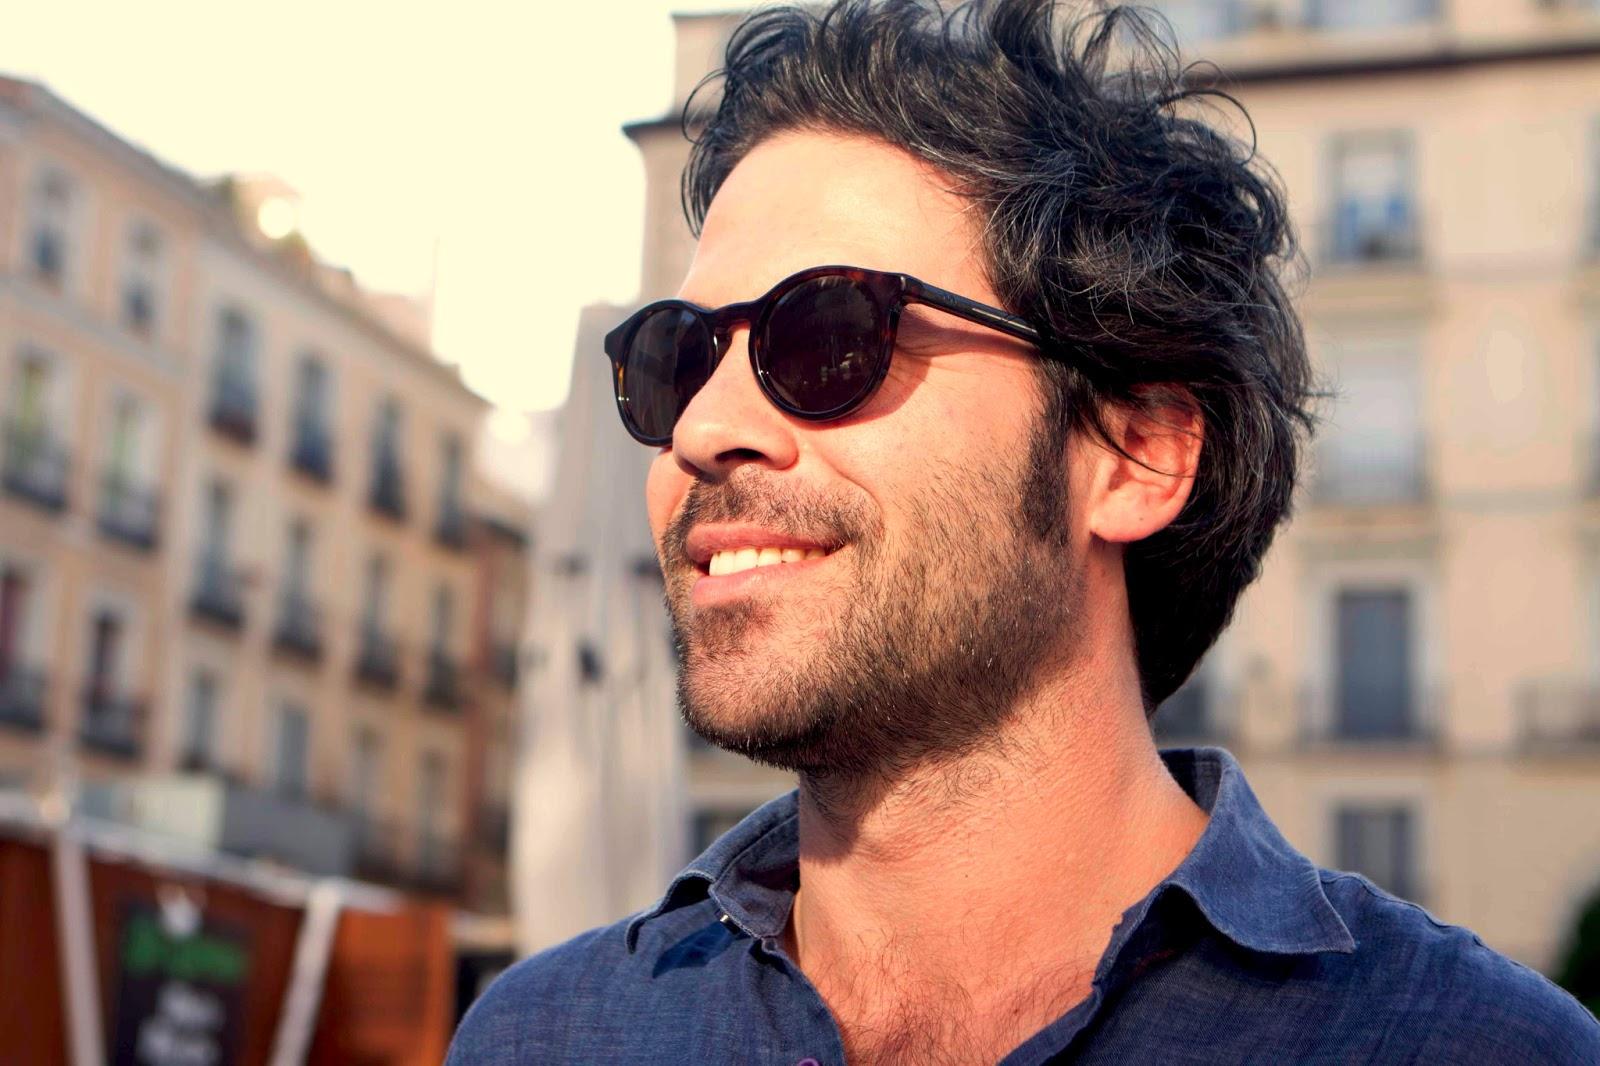 Miguel_Carrizo_Dior